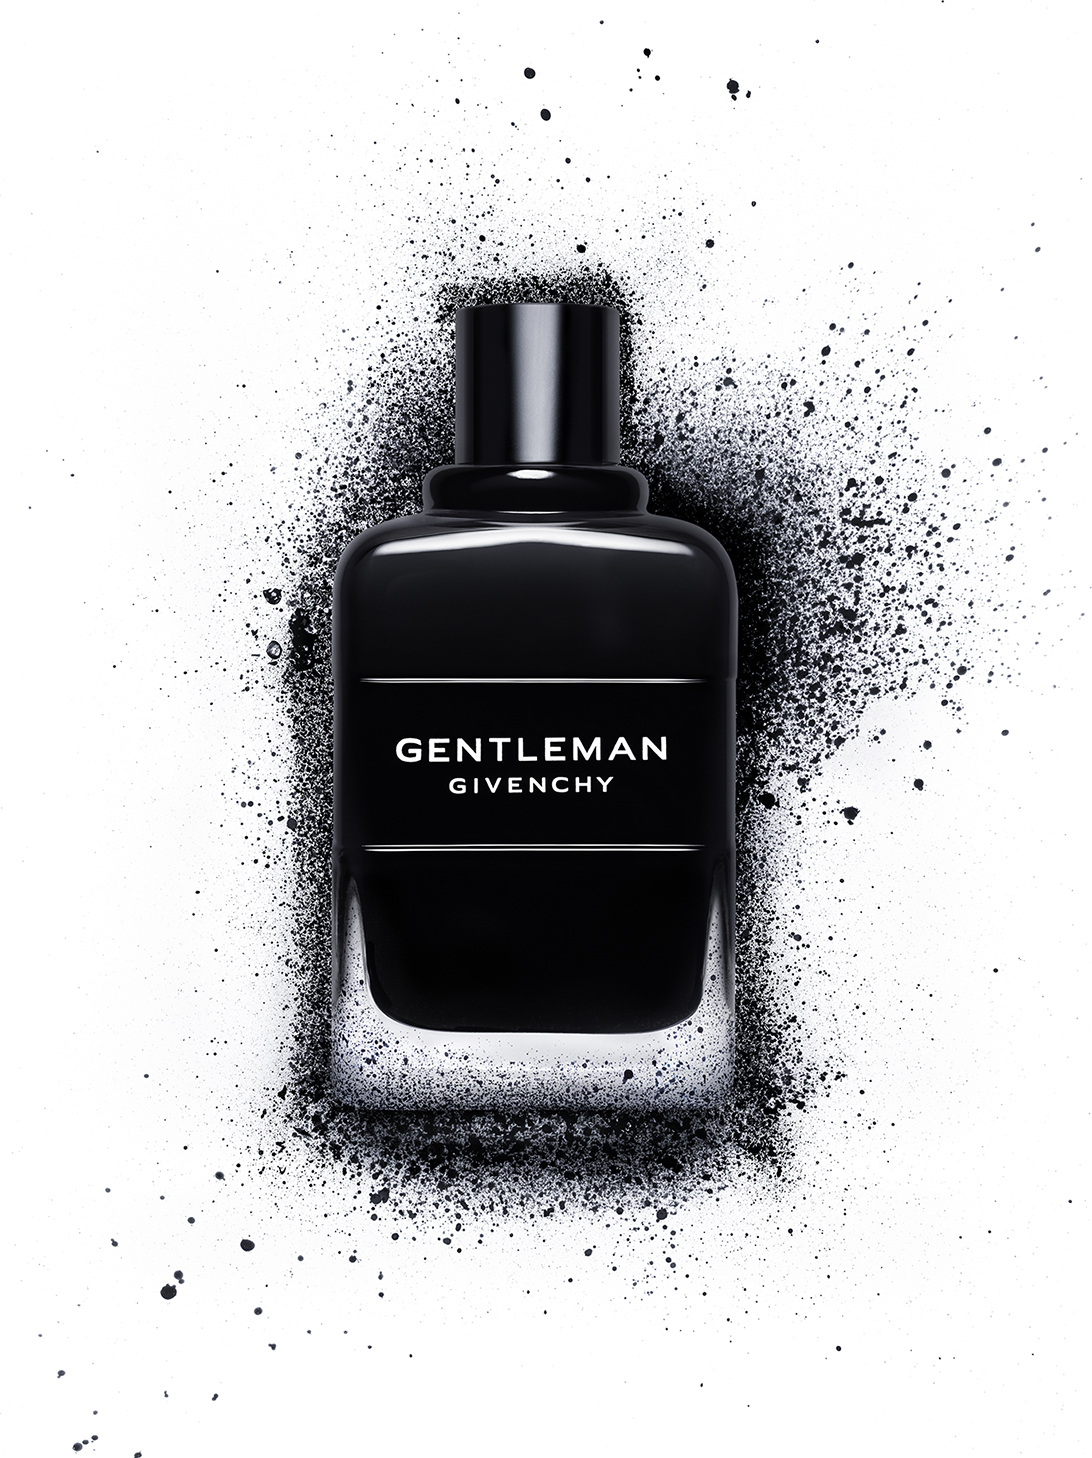 Gentleman Givenchy Eau De Parfum Givenchy